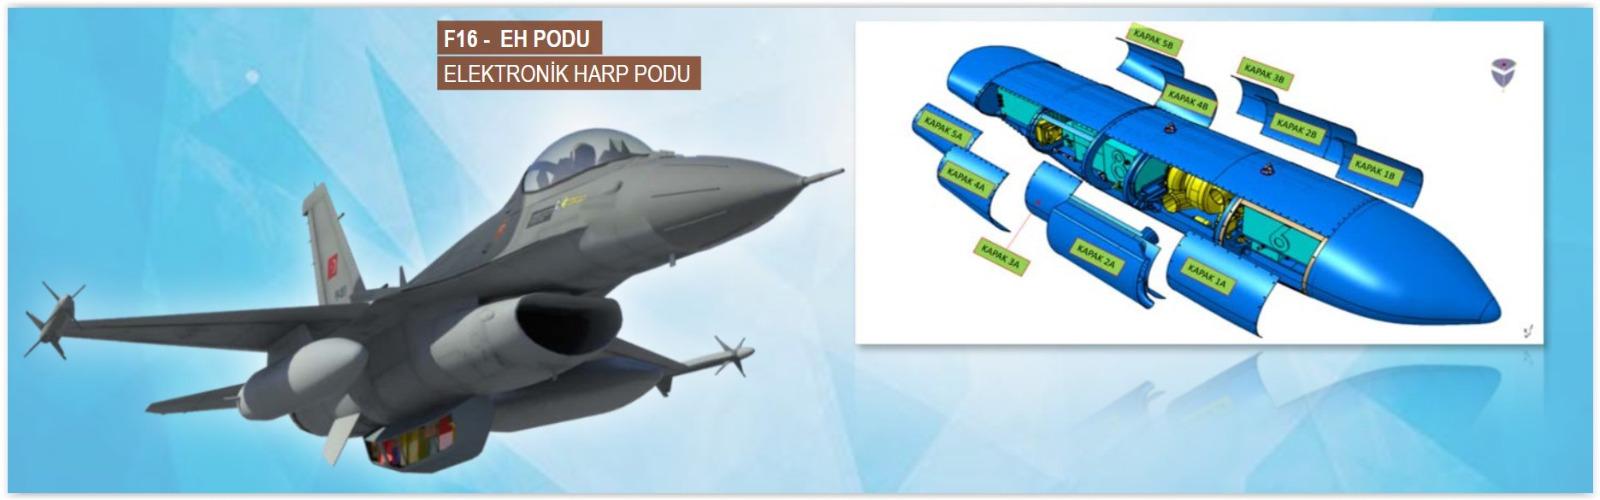 F-16 Uçağı Elektronik Harp Podu (EHPOD) projesinde Kritik Tasarım Safhası Tamamlandı!